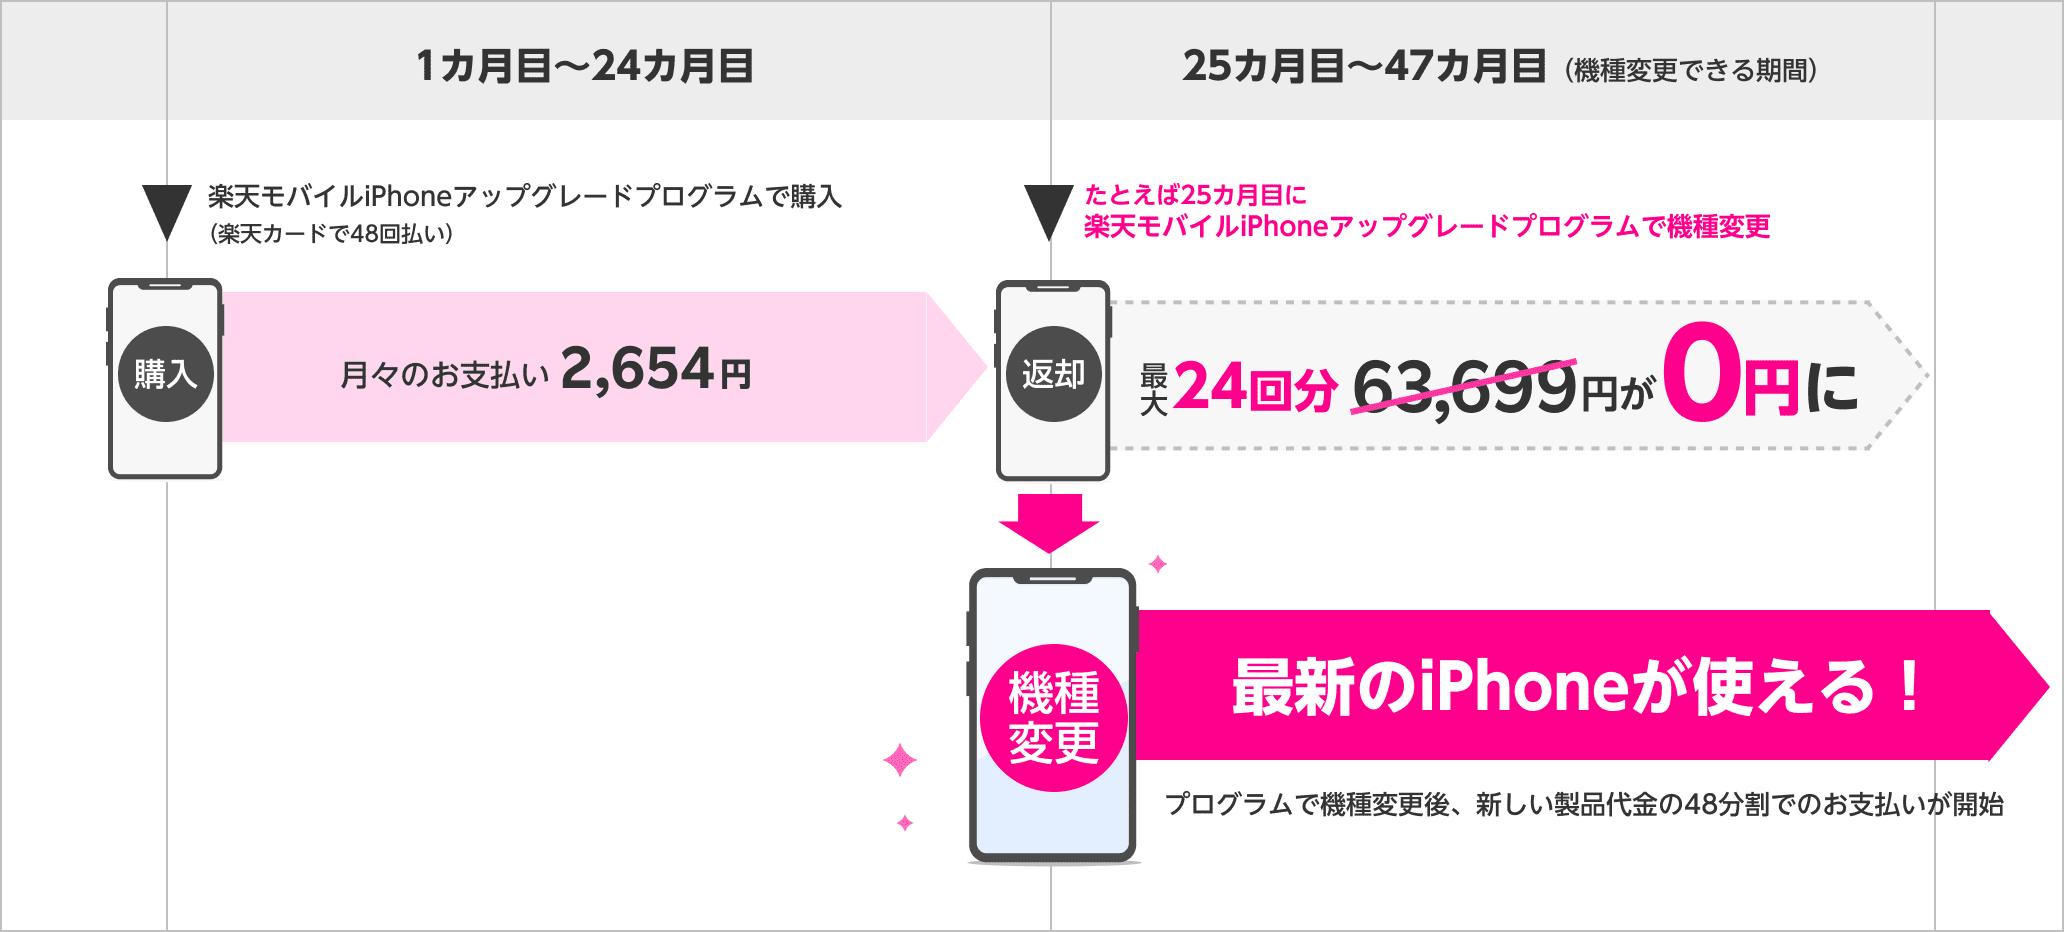 楽天モバイルiPhoneアップグレードプログラム